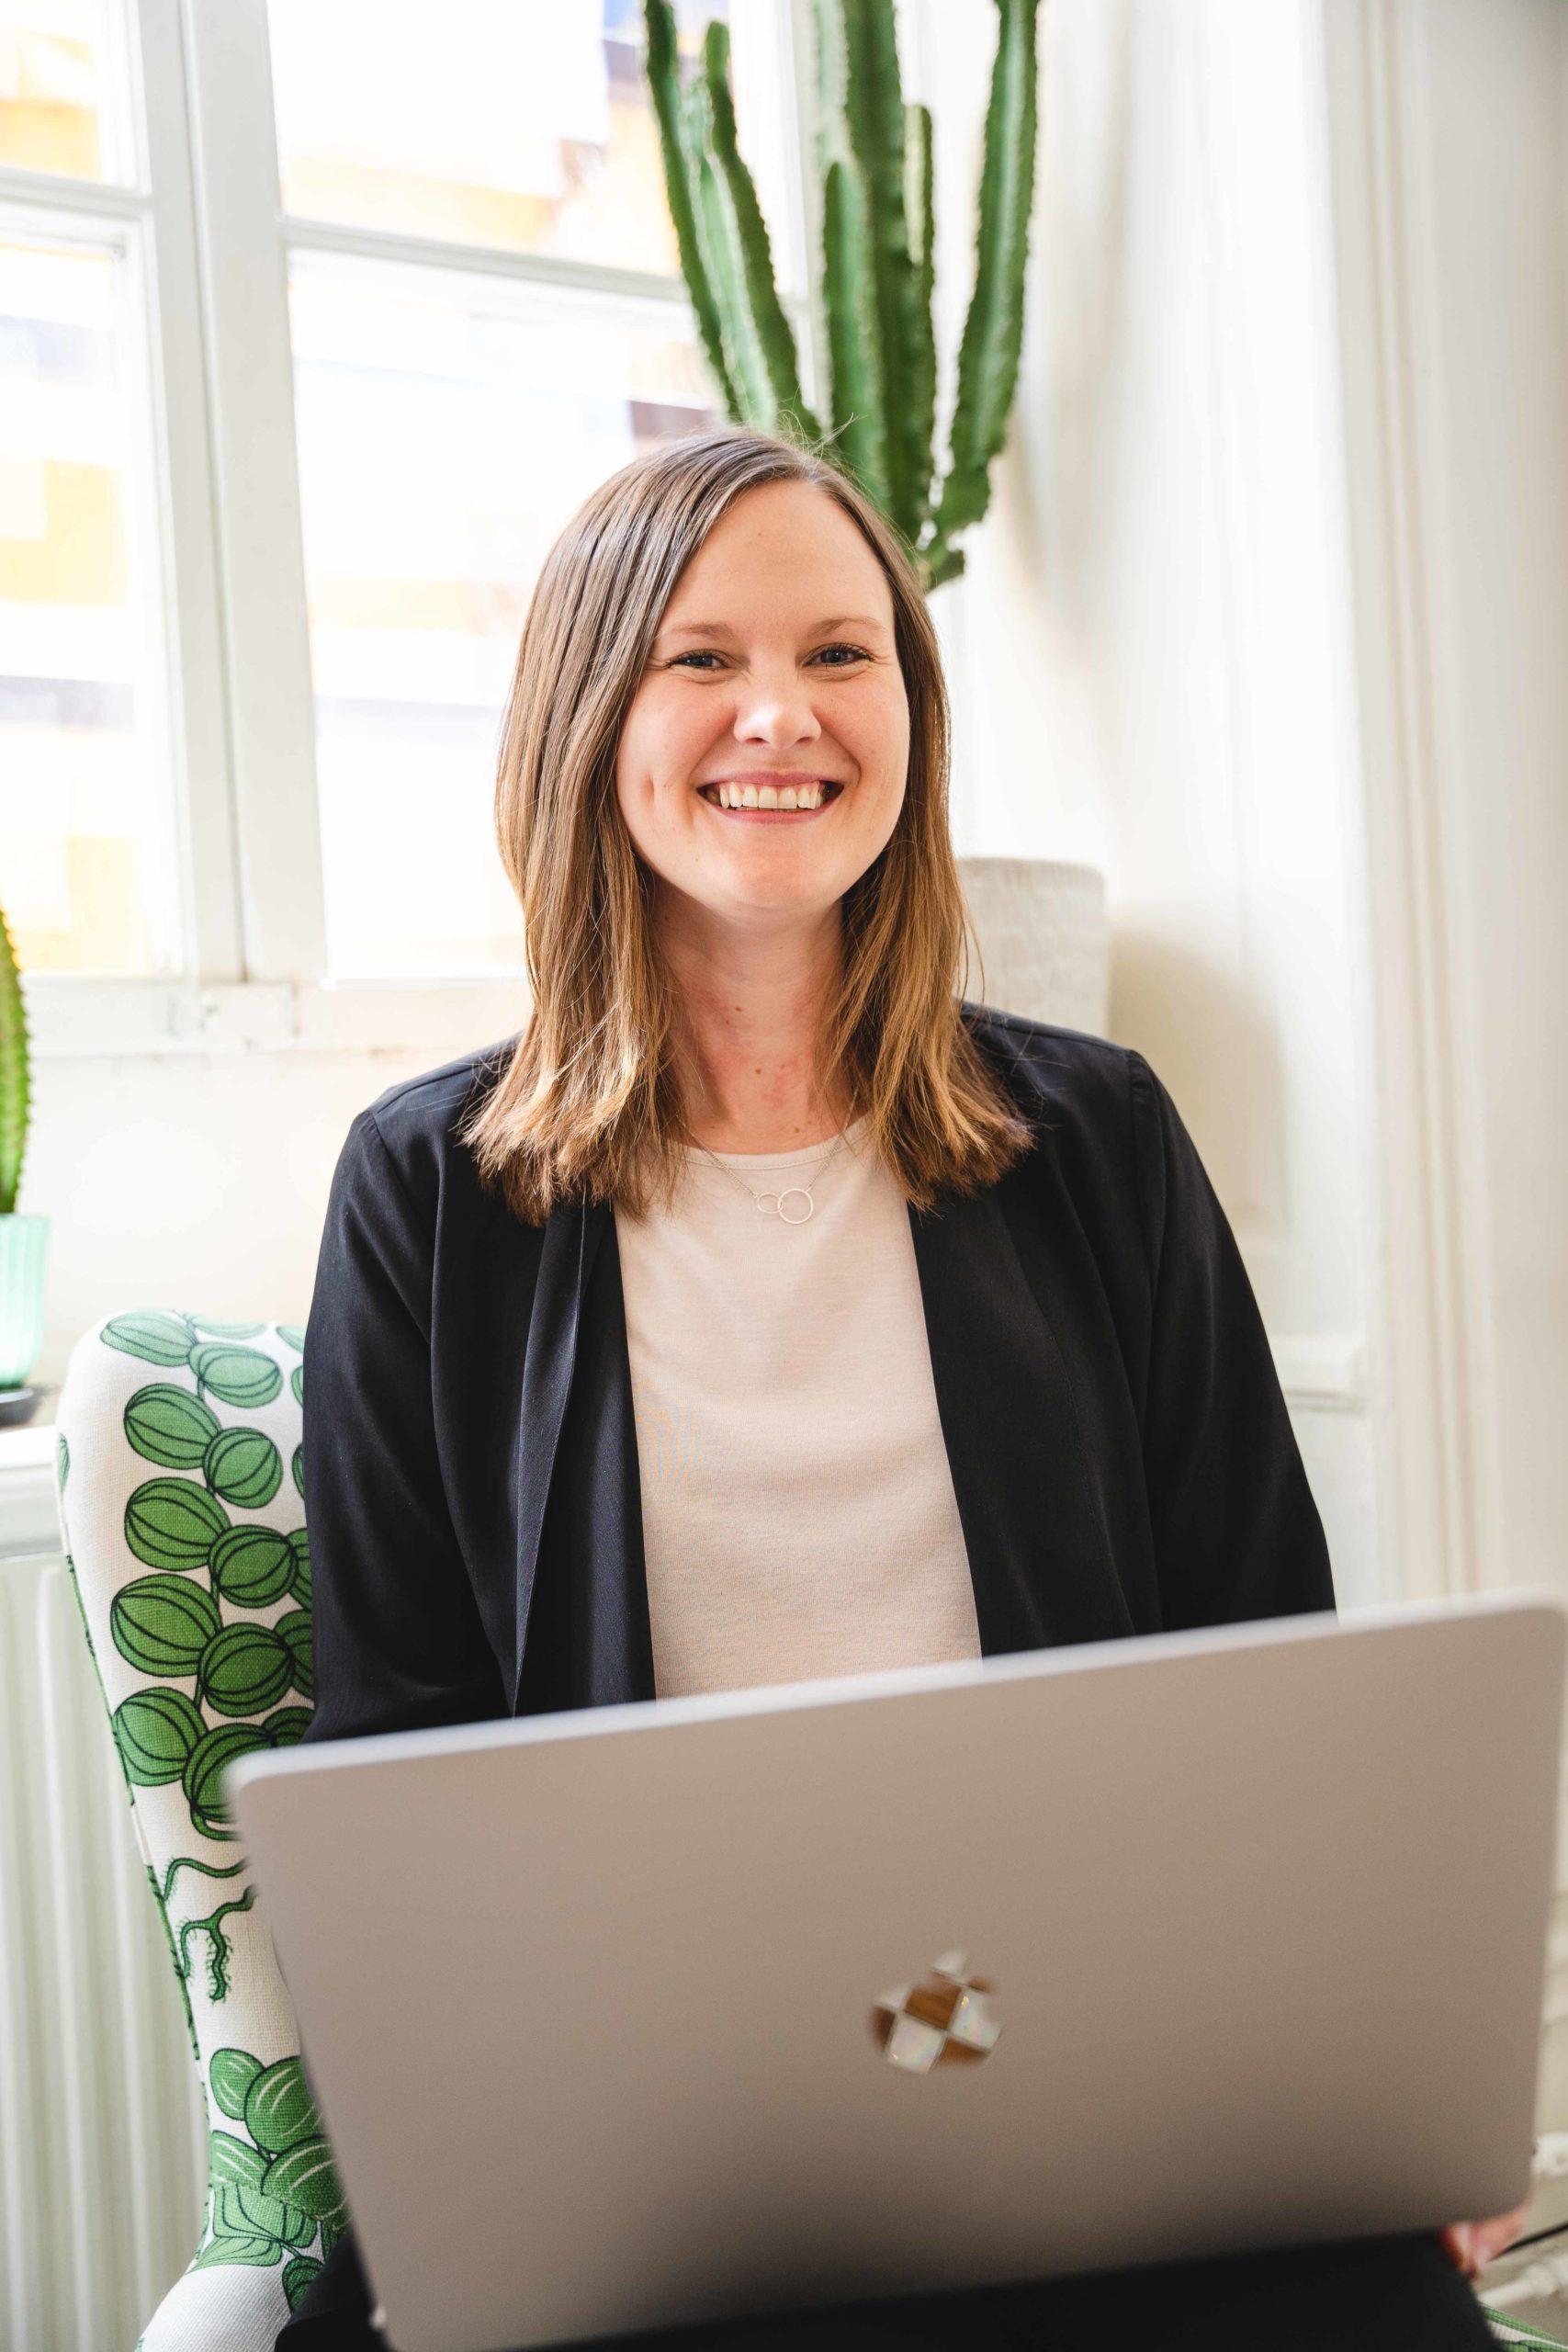 Caroline Blomqvist